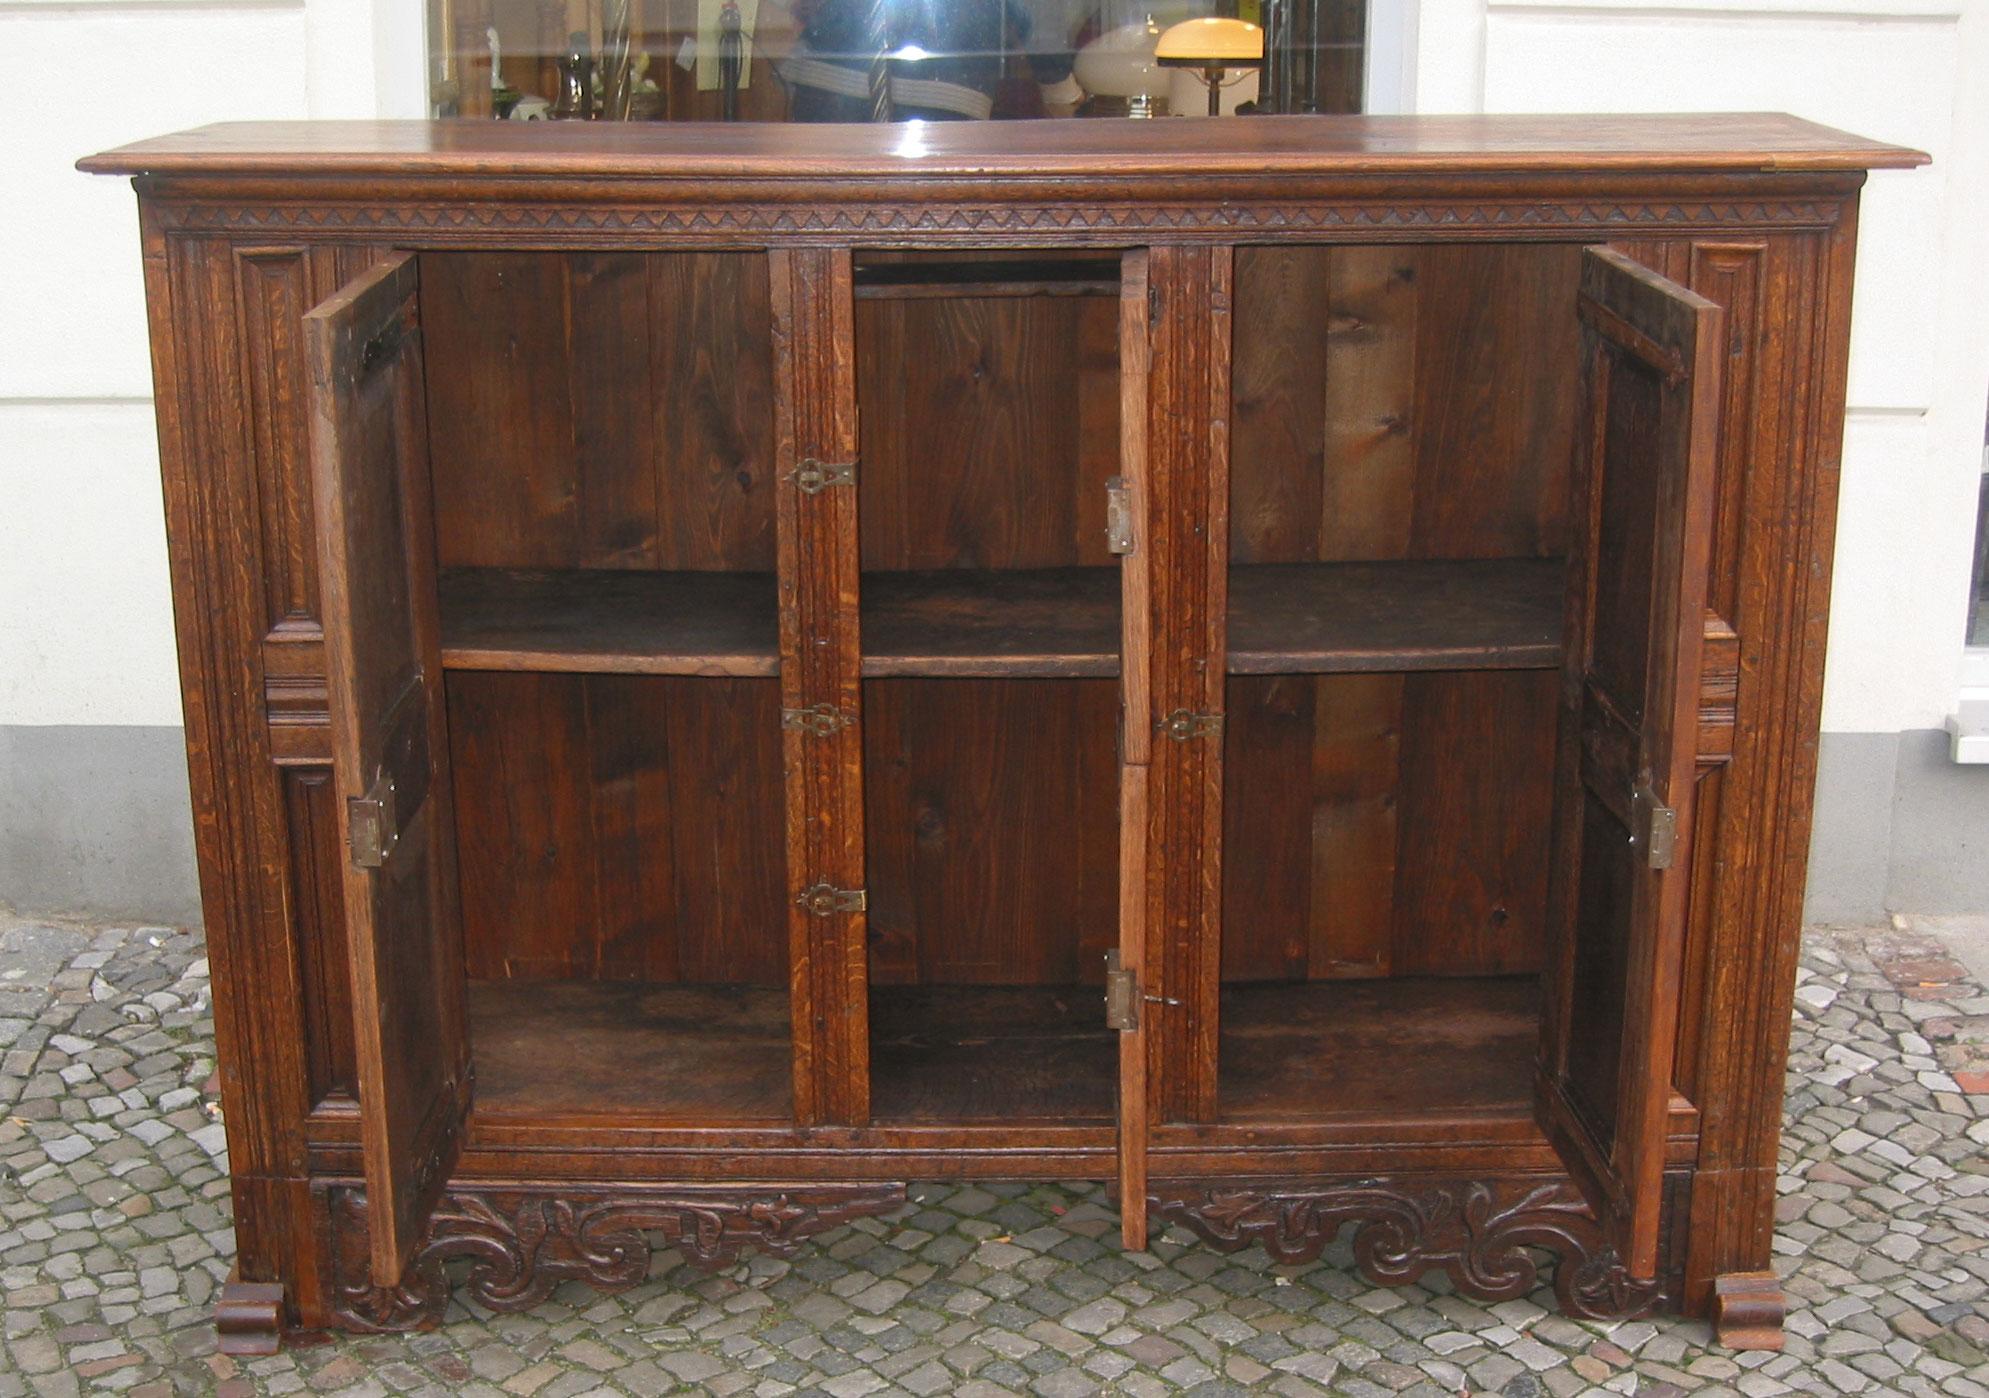 barock sideboard simple wunderschn barocke kommode gebraucht barock sideboard kommode intarsien. Black Bedroom Furniture Sets. Home Design Ideas